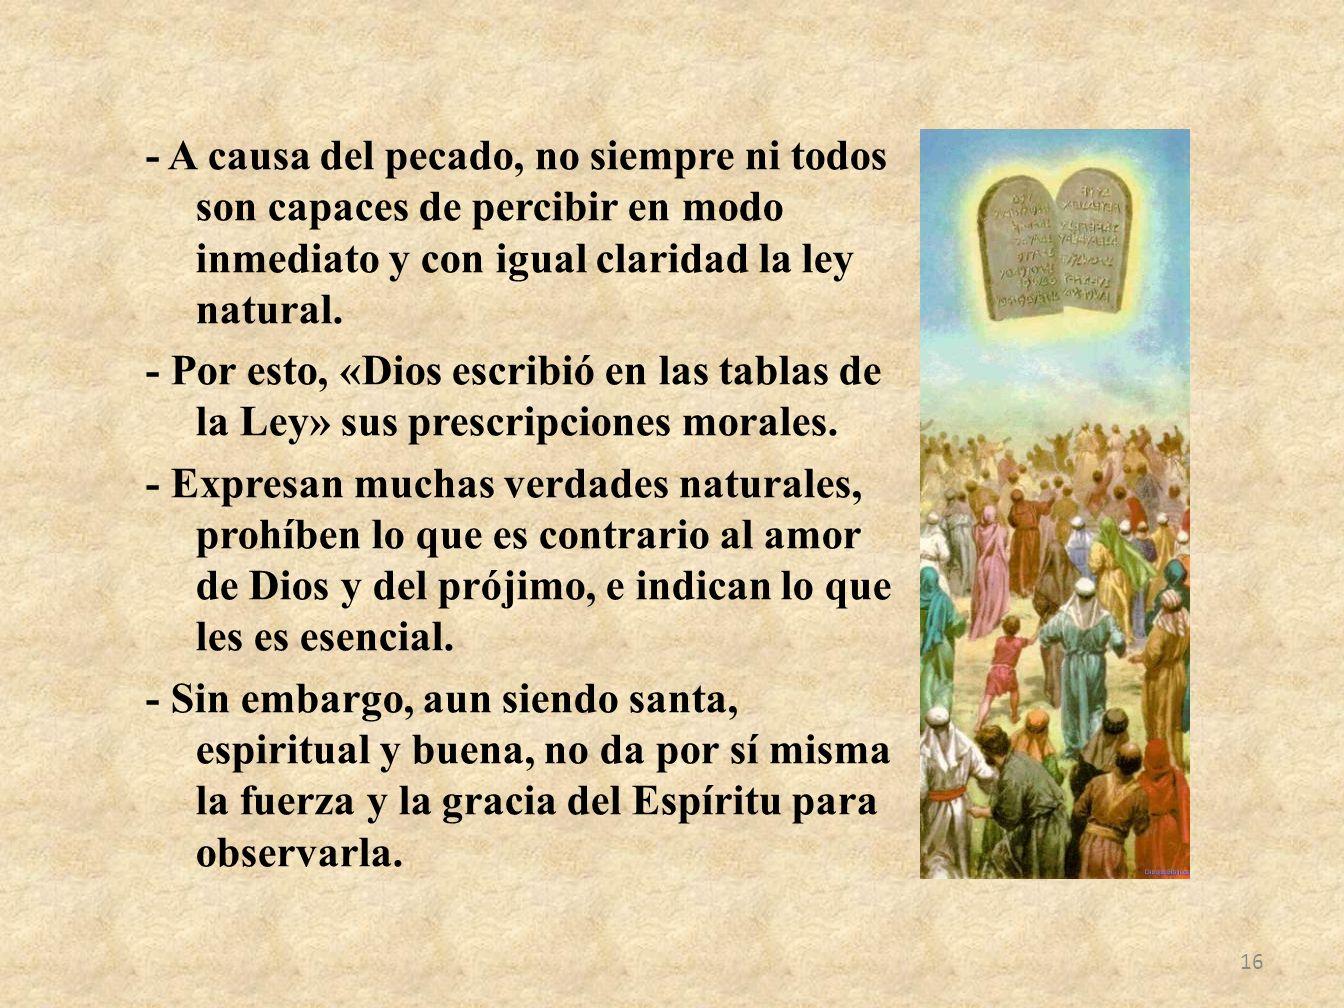 - A causa del pecado, no siempre ni todos son capaces de percibir en modo inmediato y con igual claridad la ley natural.